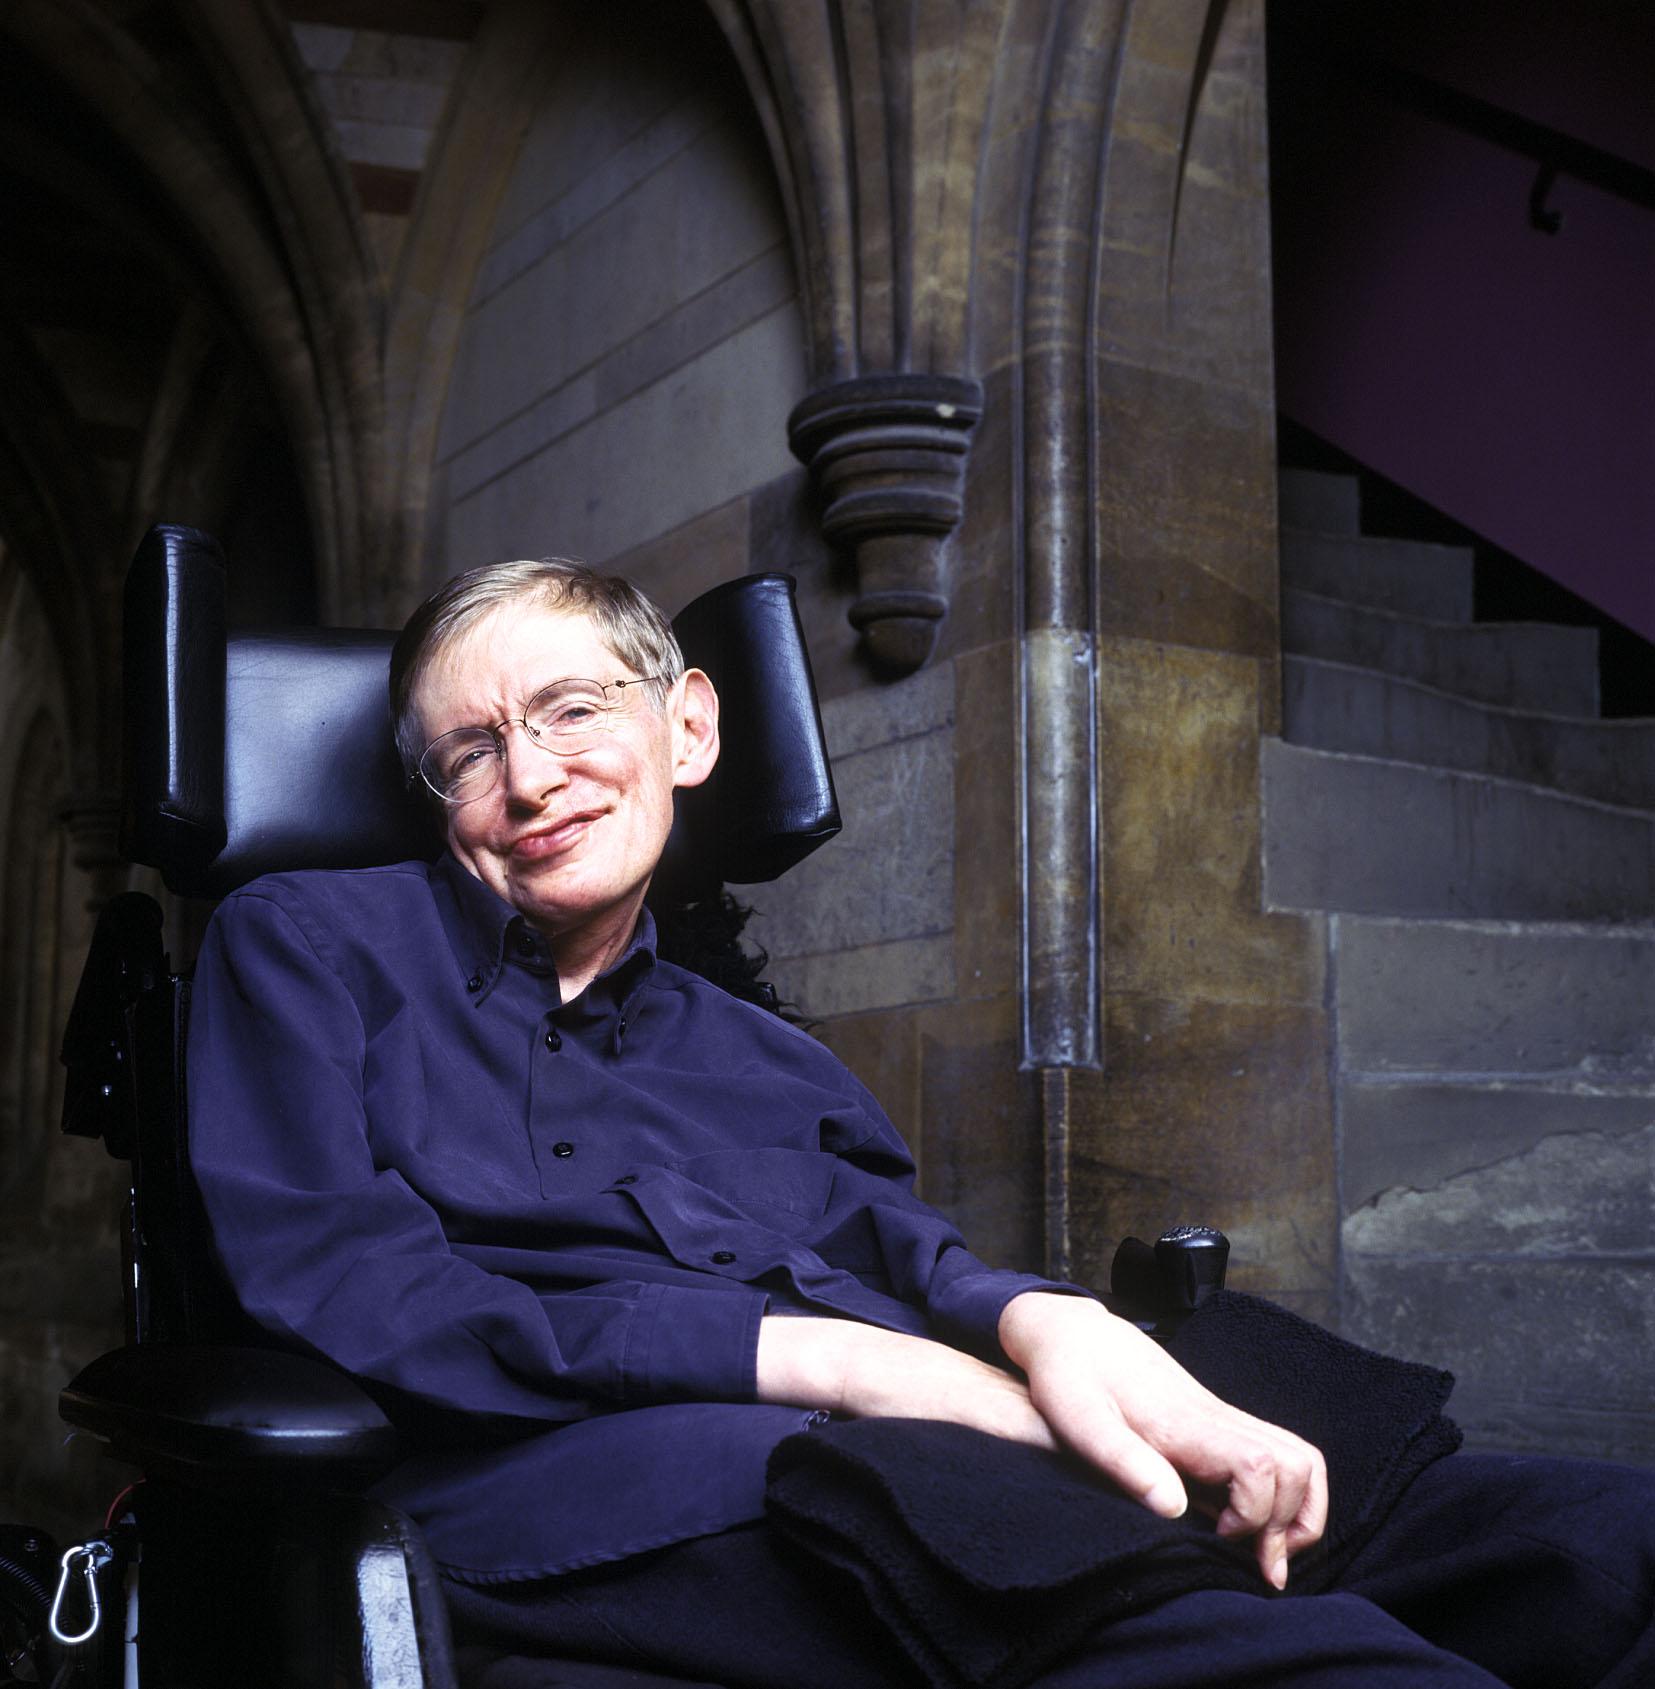 Fotografia di Stephen Hawking che sorride.